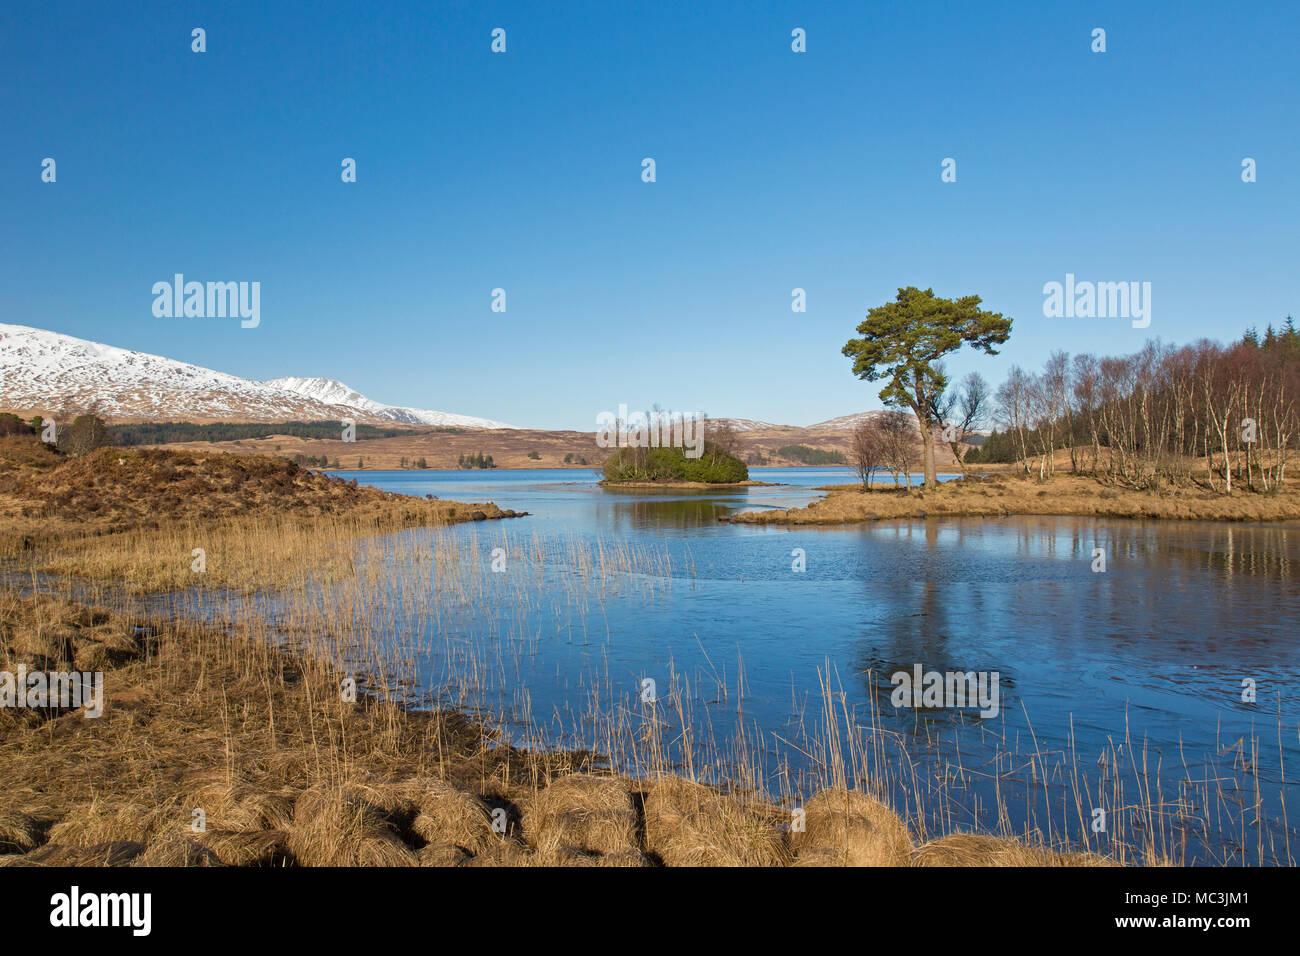 Le pin sylvestre (Pinus sylvestris) le long de Loch Tulla dans les Highlands écossais en hiver, l'Argyll and Bute, Ecosse, Royaume-Uni Photo Stock